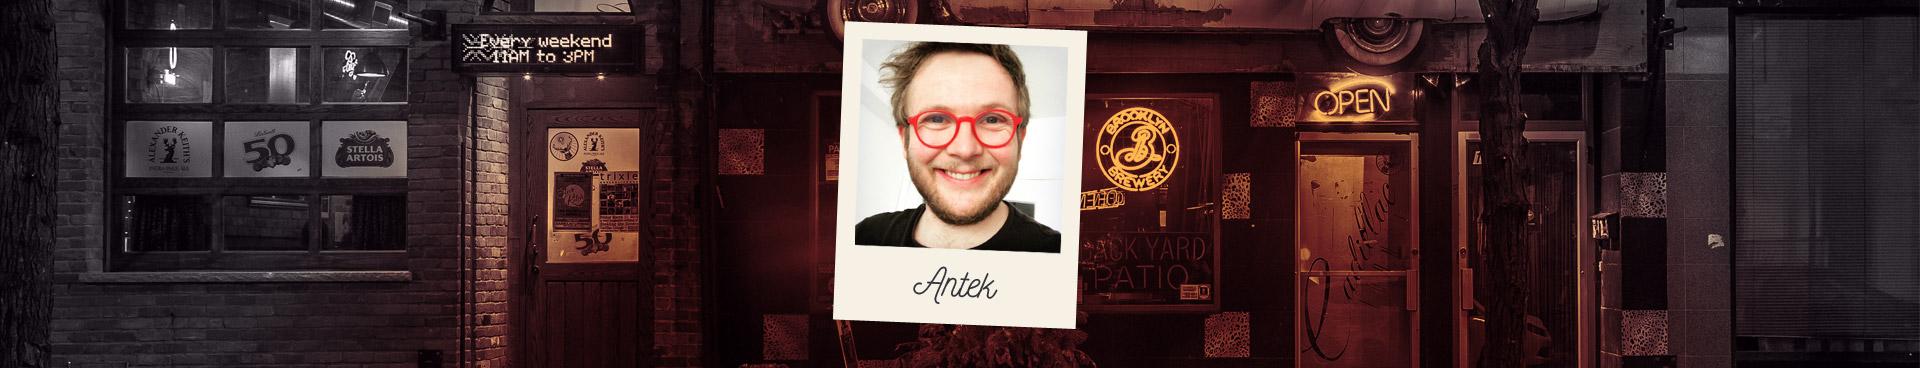 Portrait d'Antek, comédien de stand-up